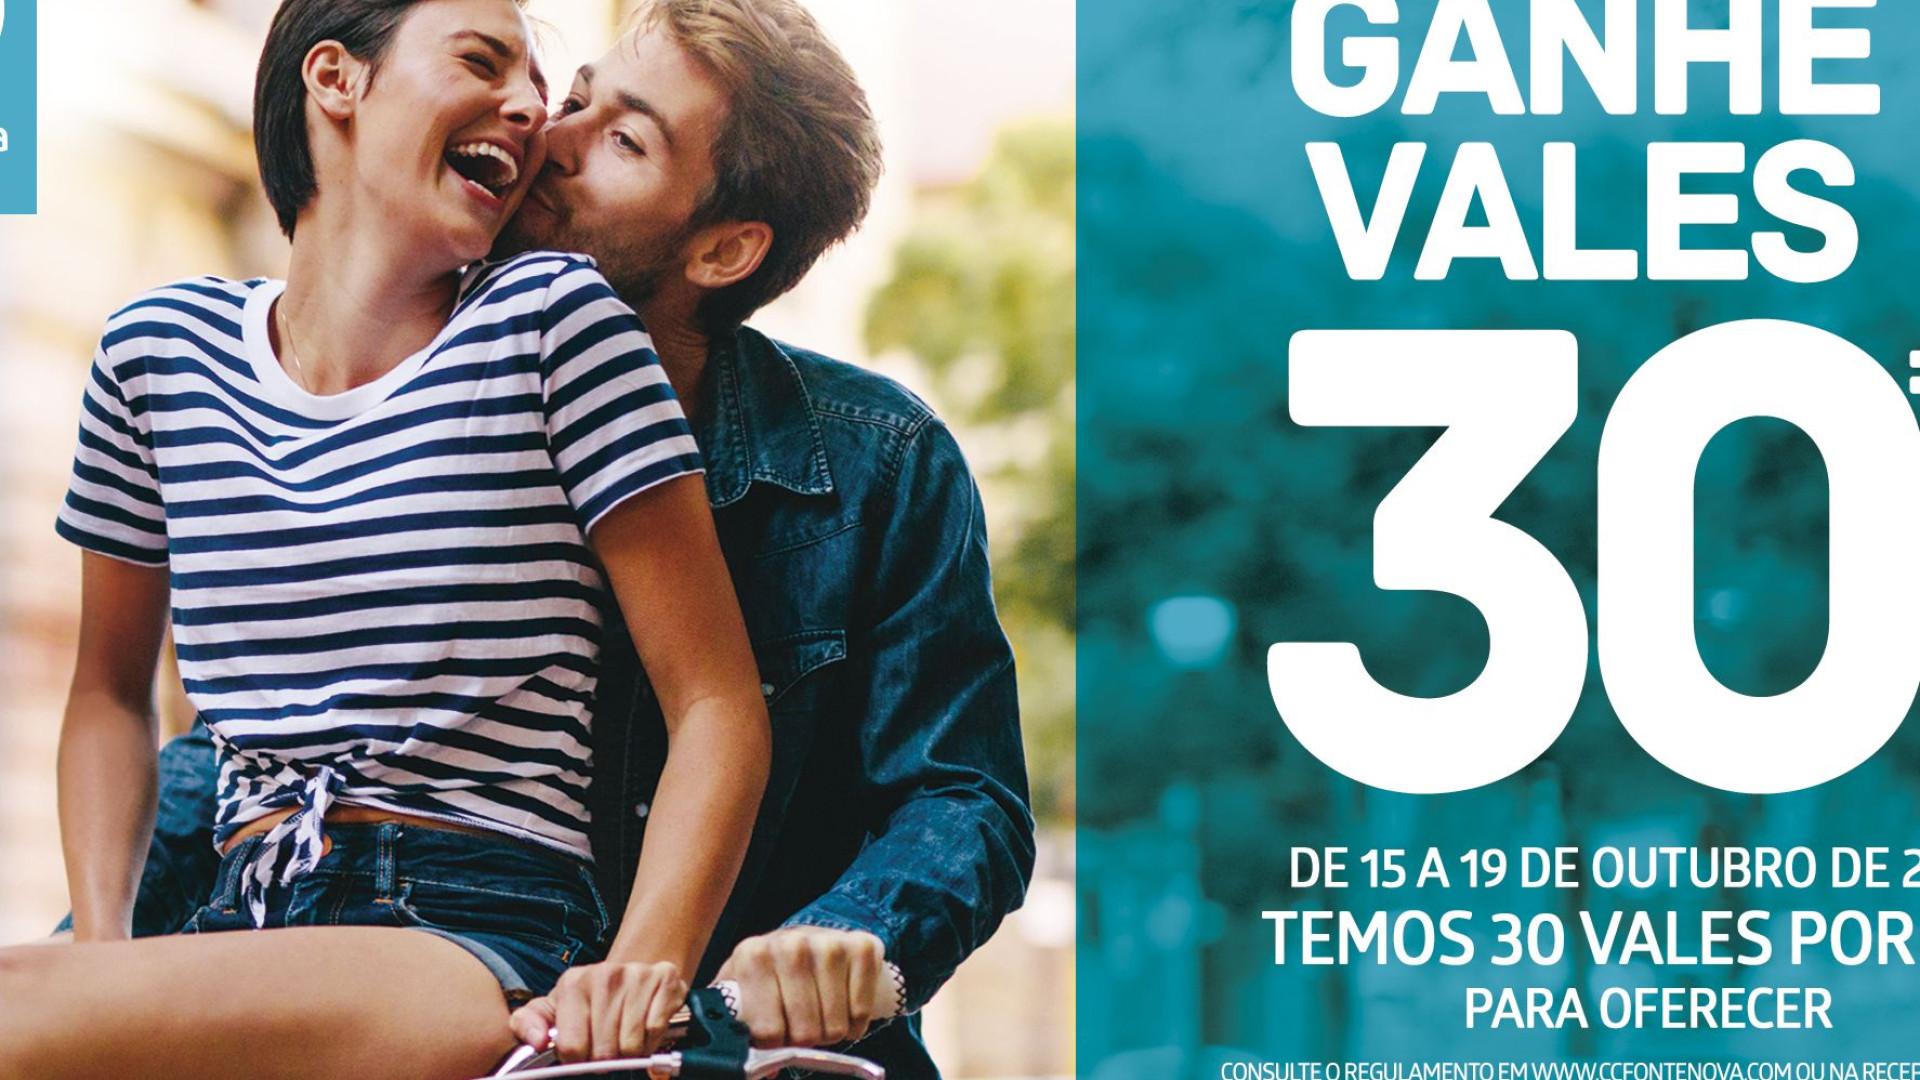 Fonte Nova lança nova campanha e oferece 900 euros por dia em compras